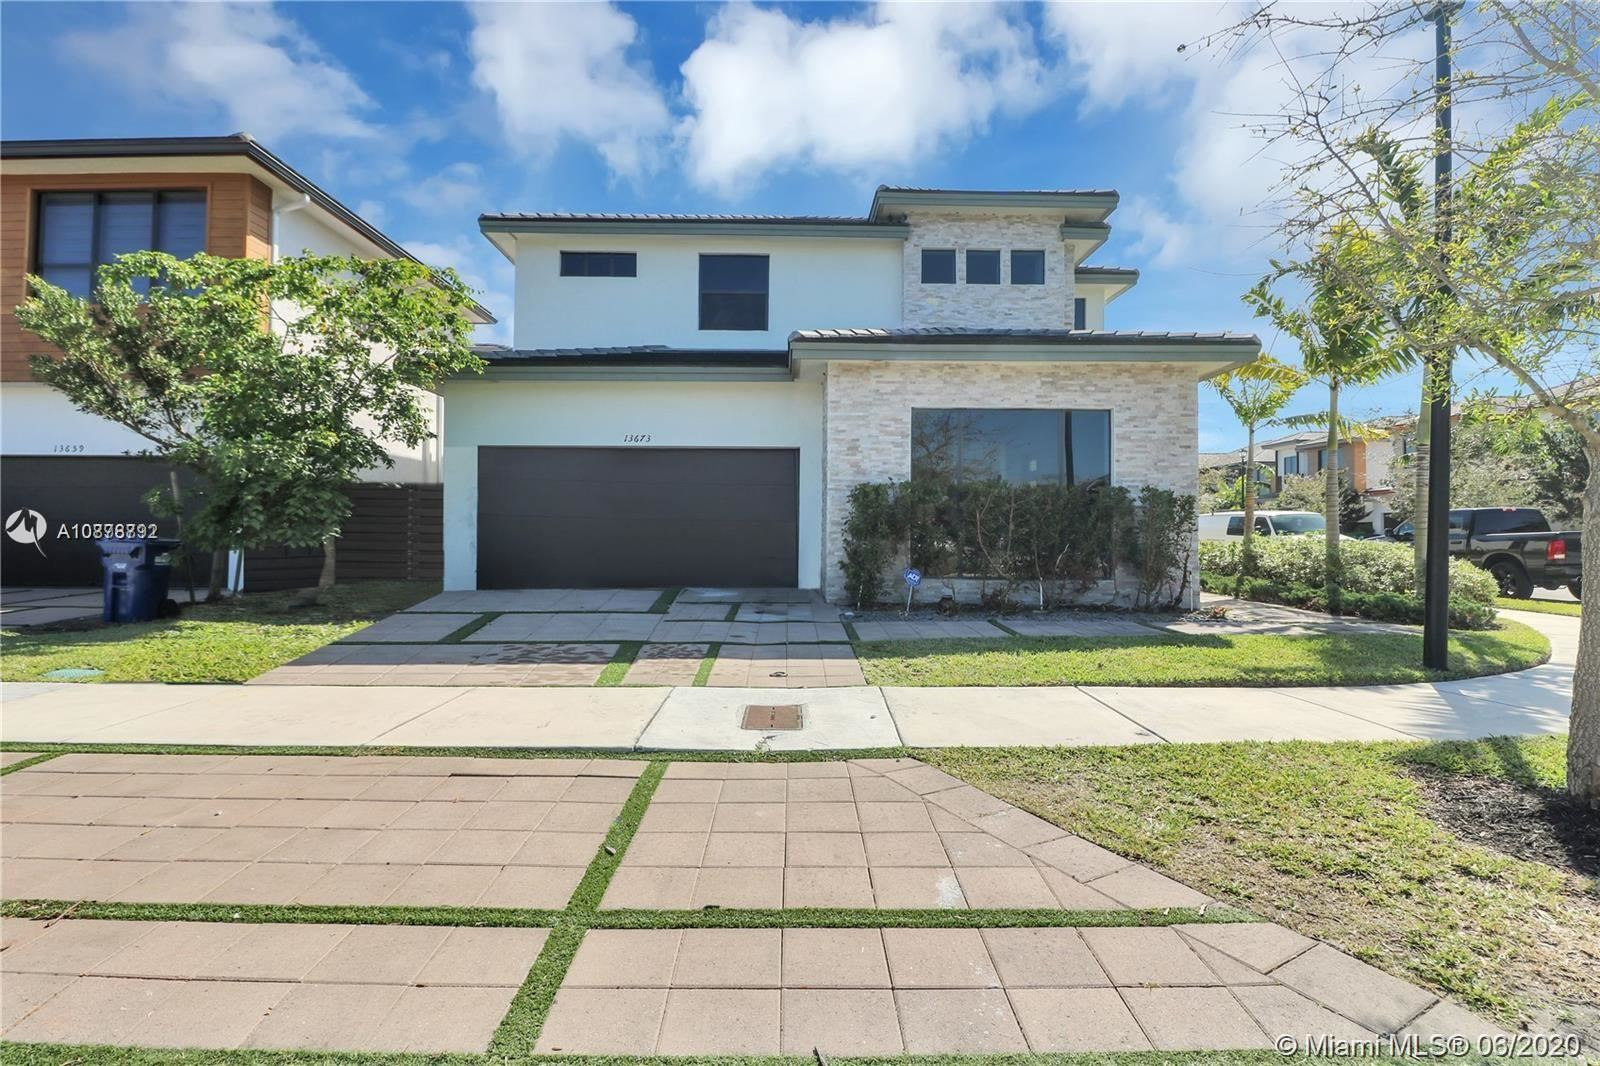 13673 SW 159th Ave, Miami, FL 33196 - #: A10878792